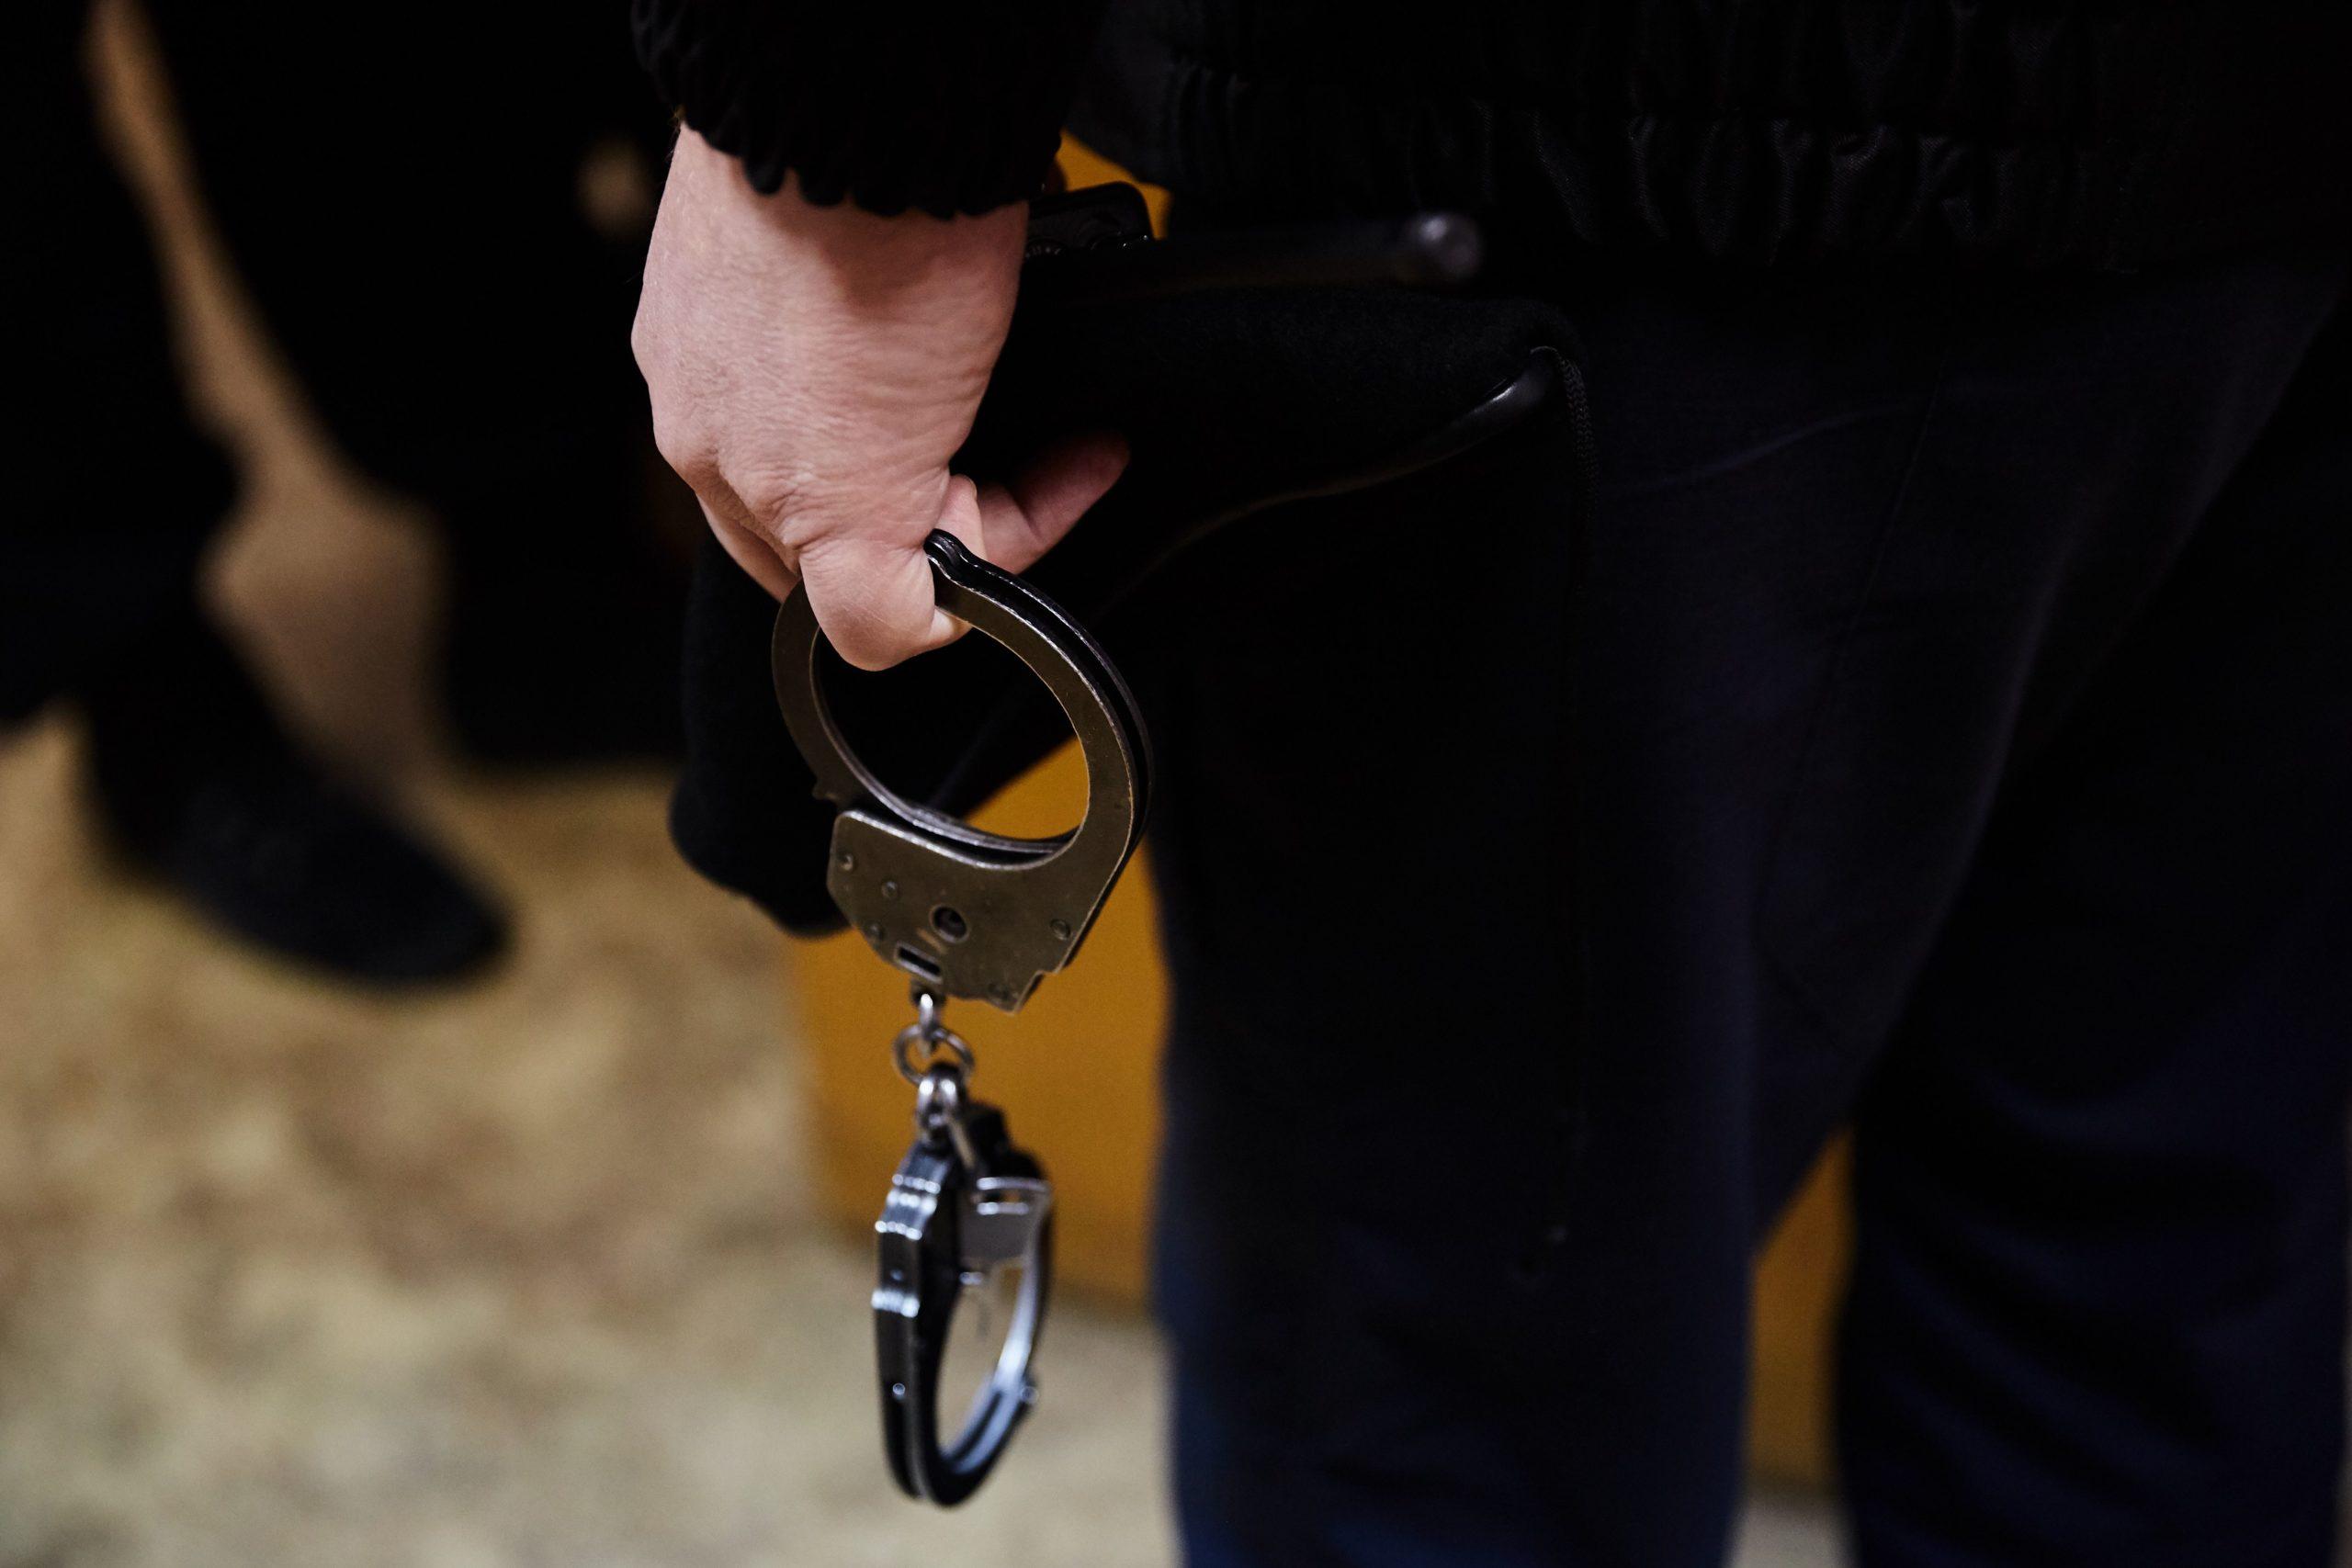 Безработный украл и сдал в металлолом отопительные трубы